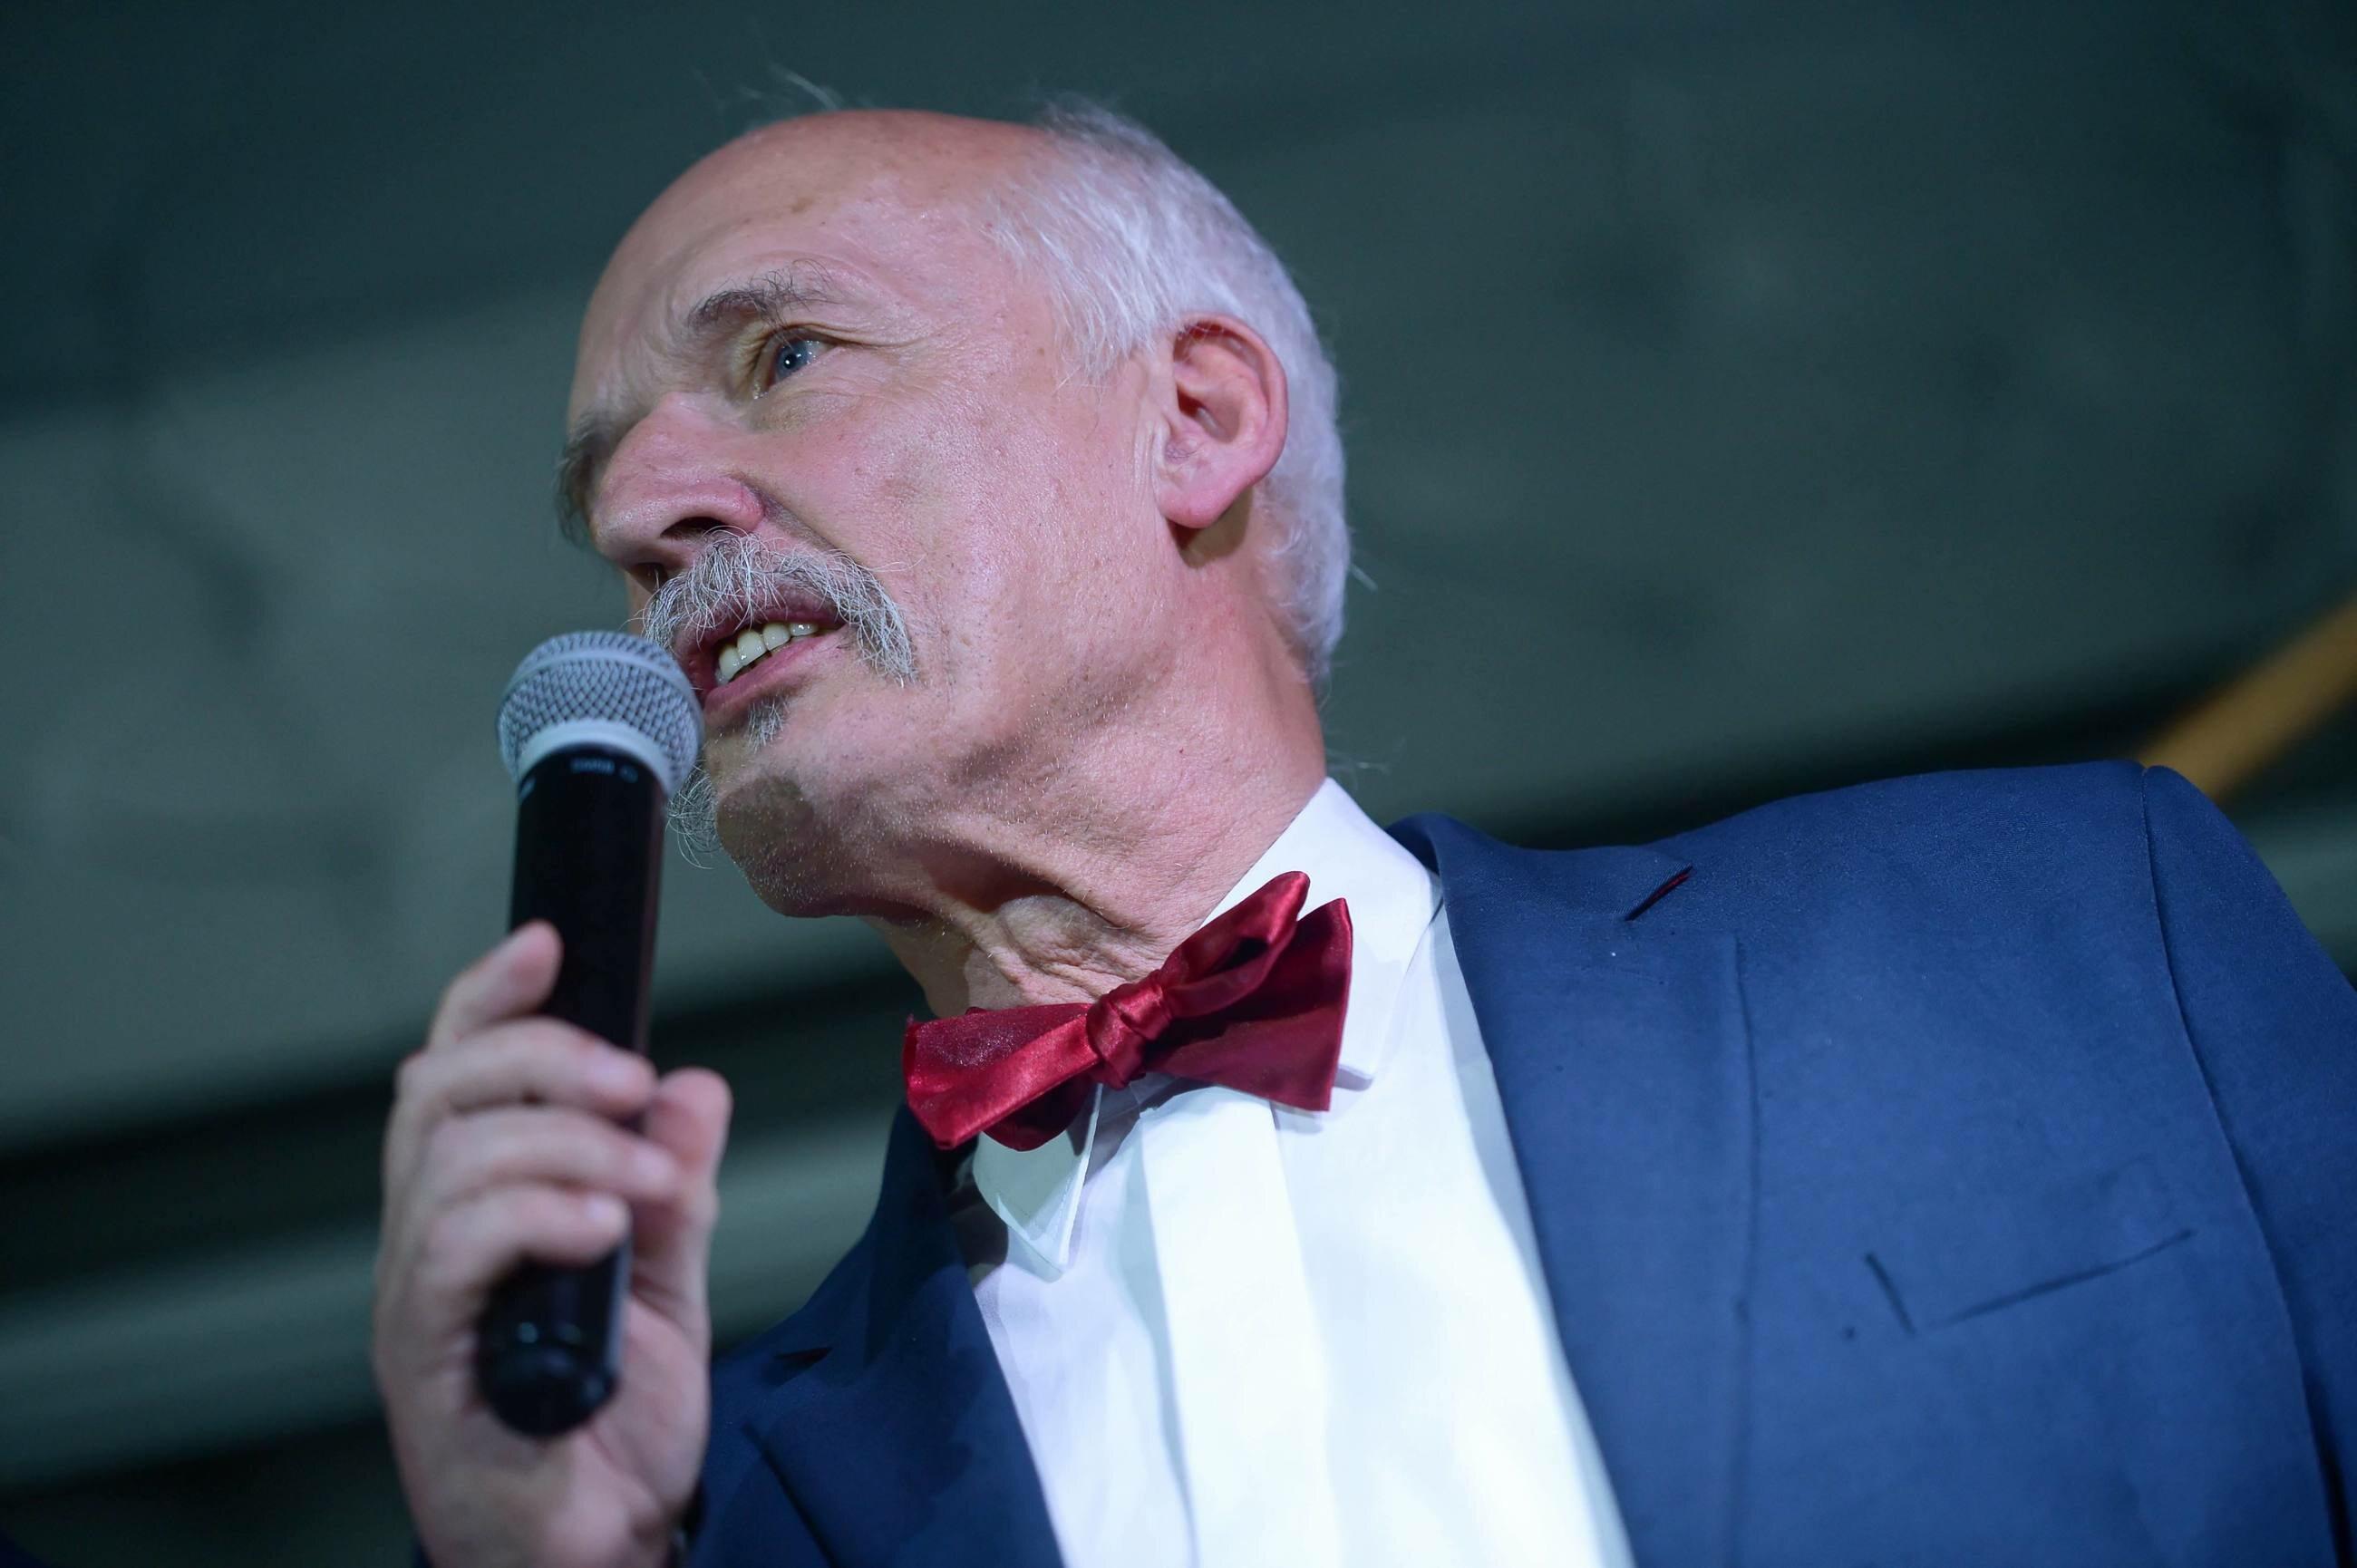 Janusz Korwin-Mikke